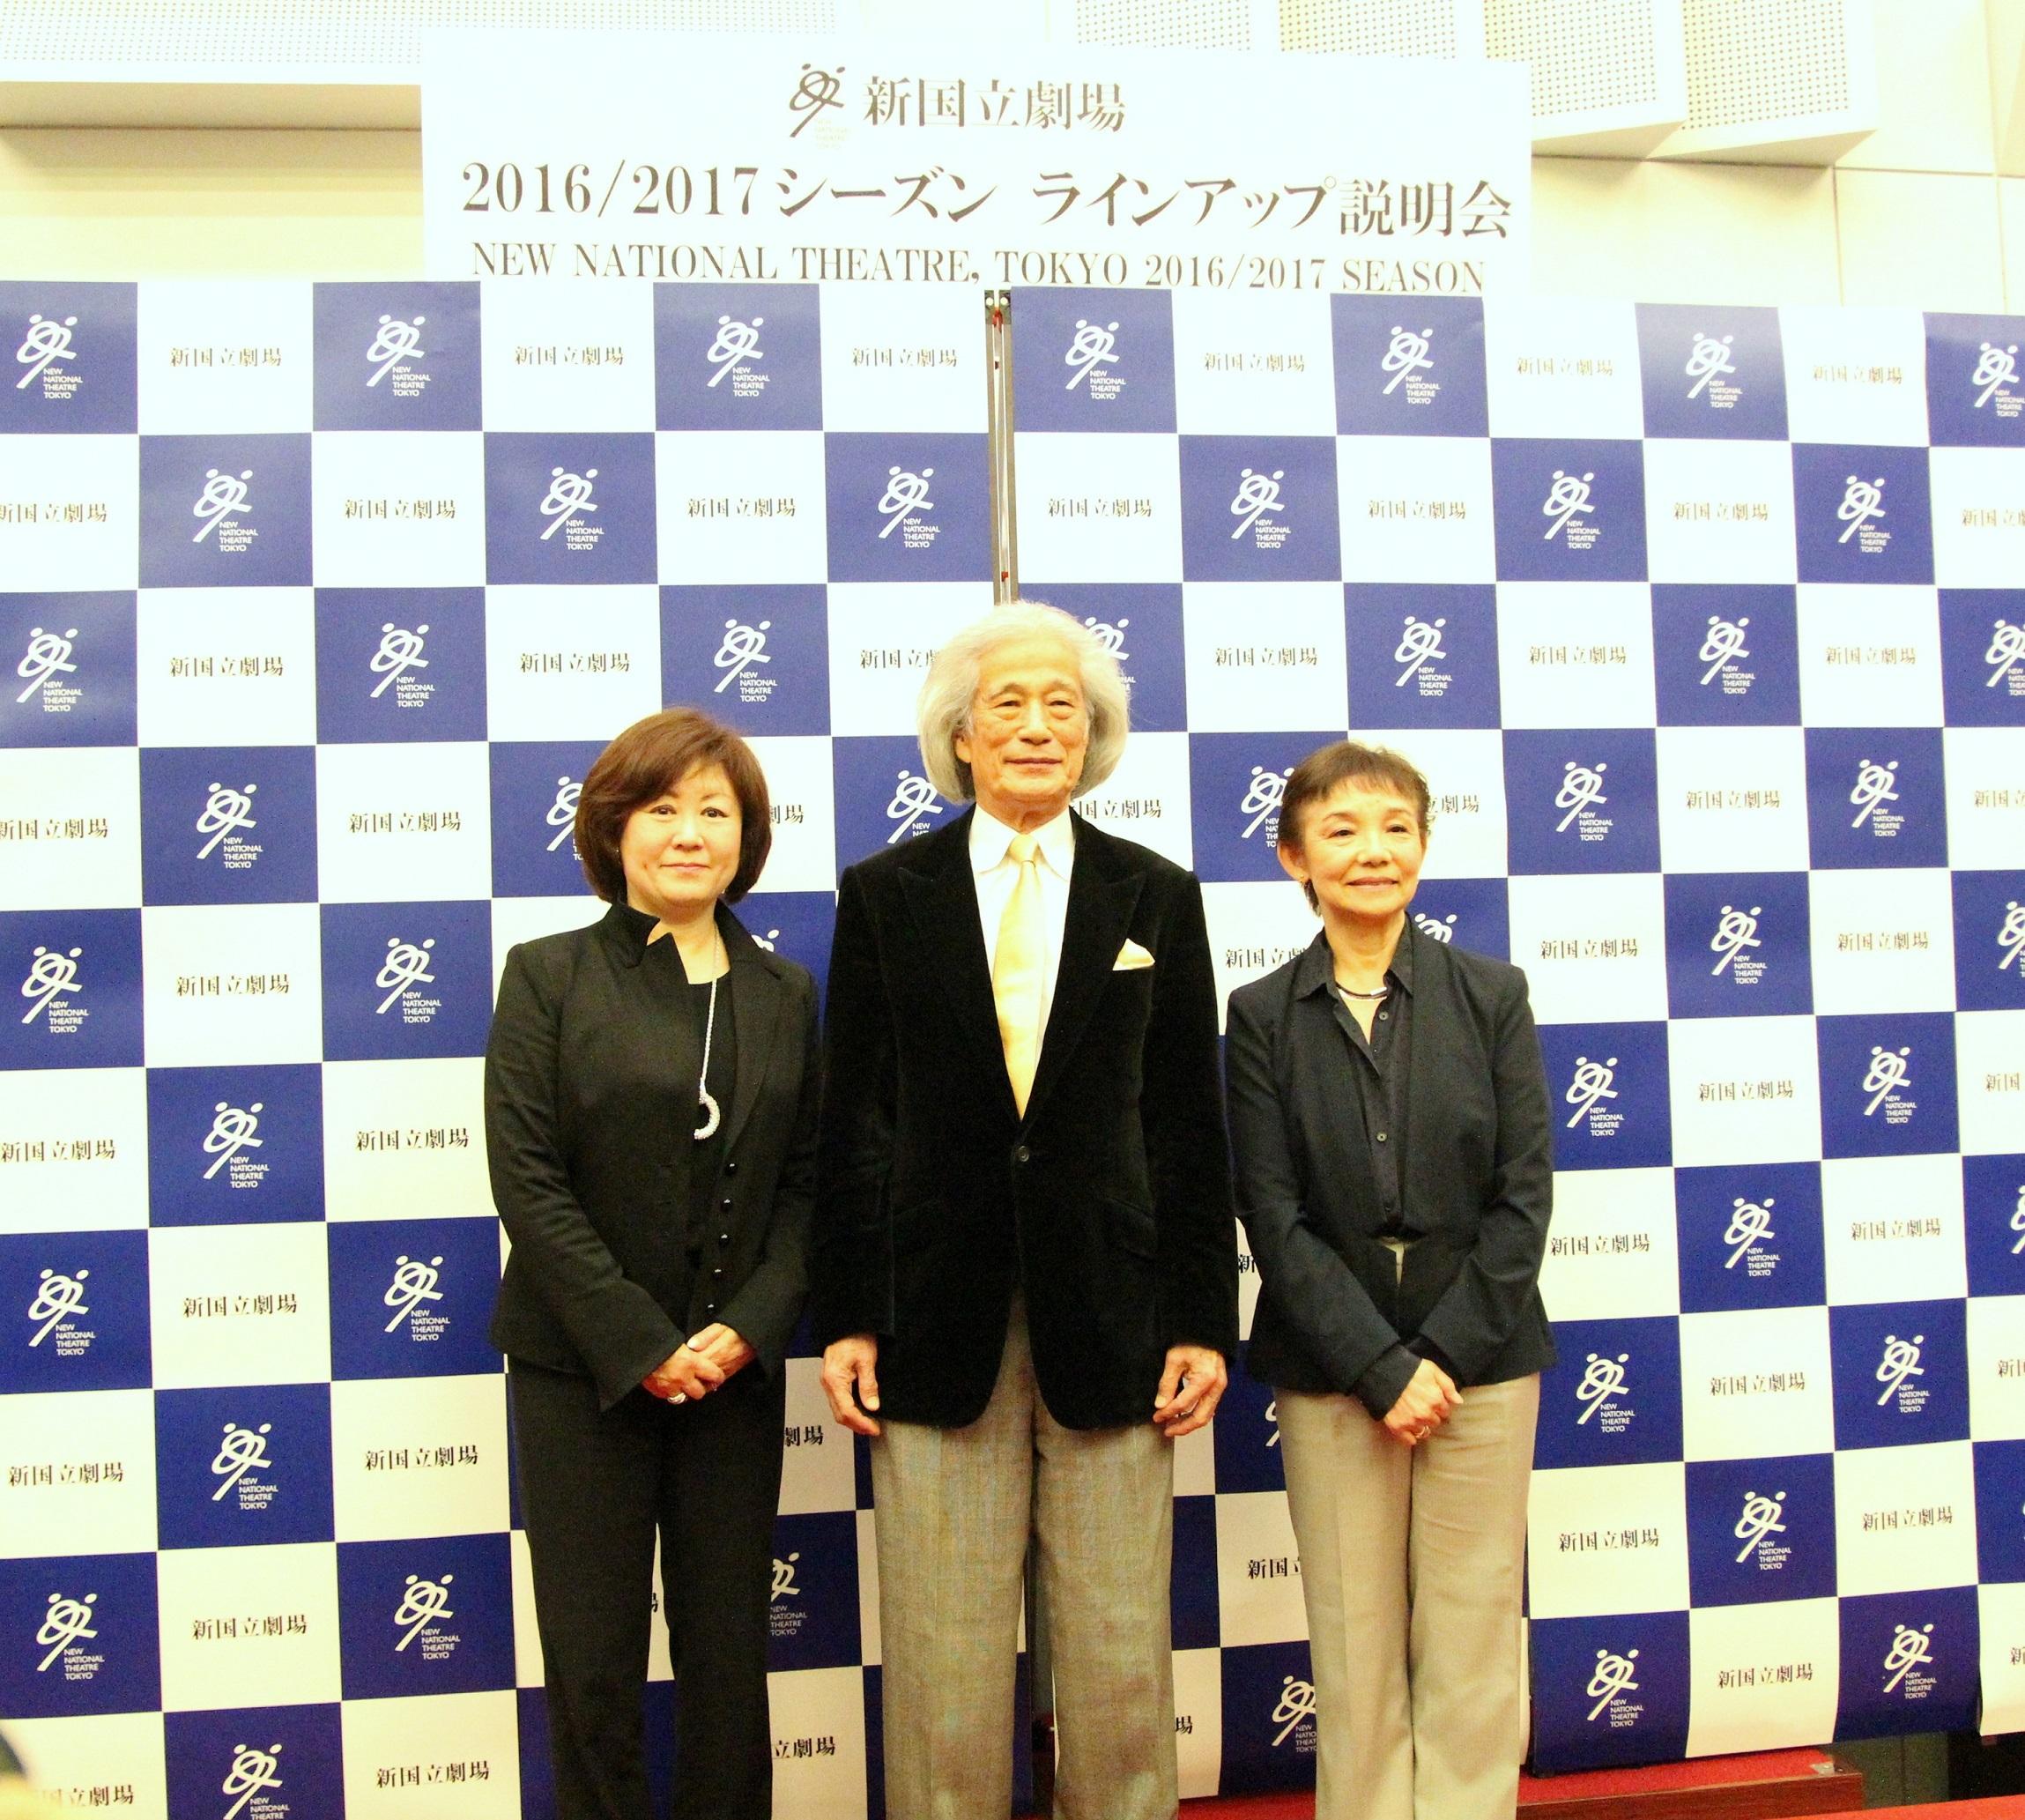 左から宮田慶子(演劇)、飯守泰次郎(オペラ)、大原永子(バレエ&ダンス)芸術監督